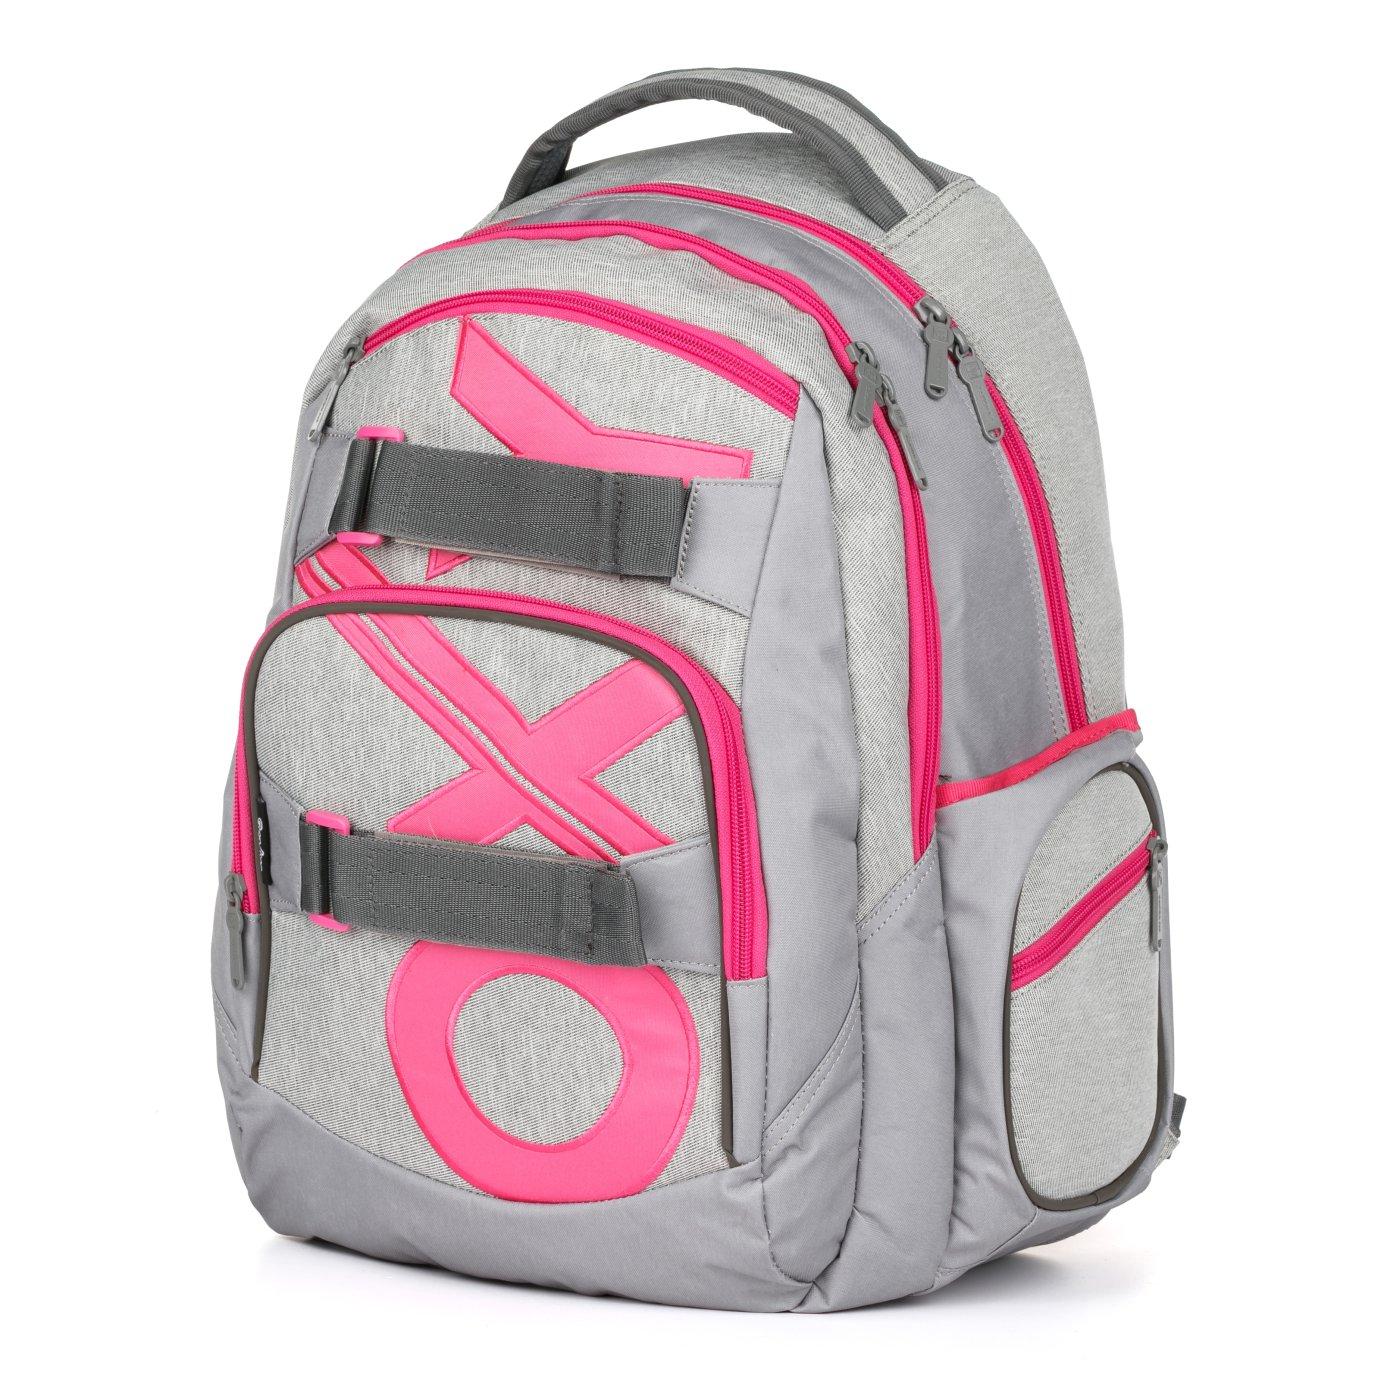 ... Studentský batoh OXY Style Fresh pink Bez licence · Image b502a141f2